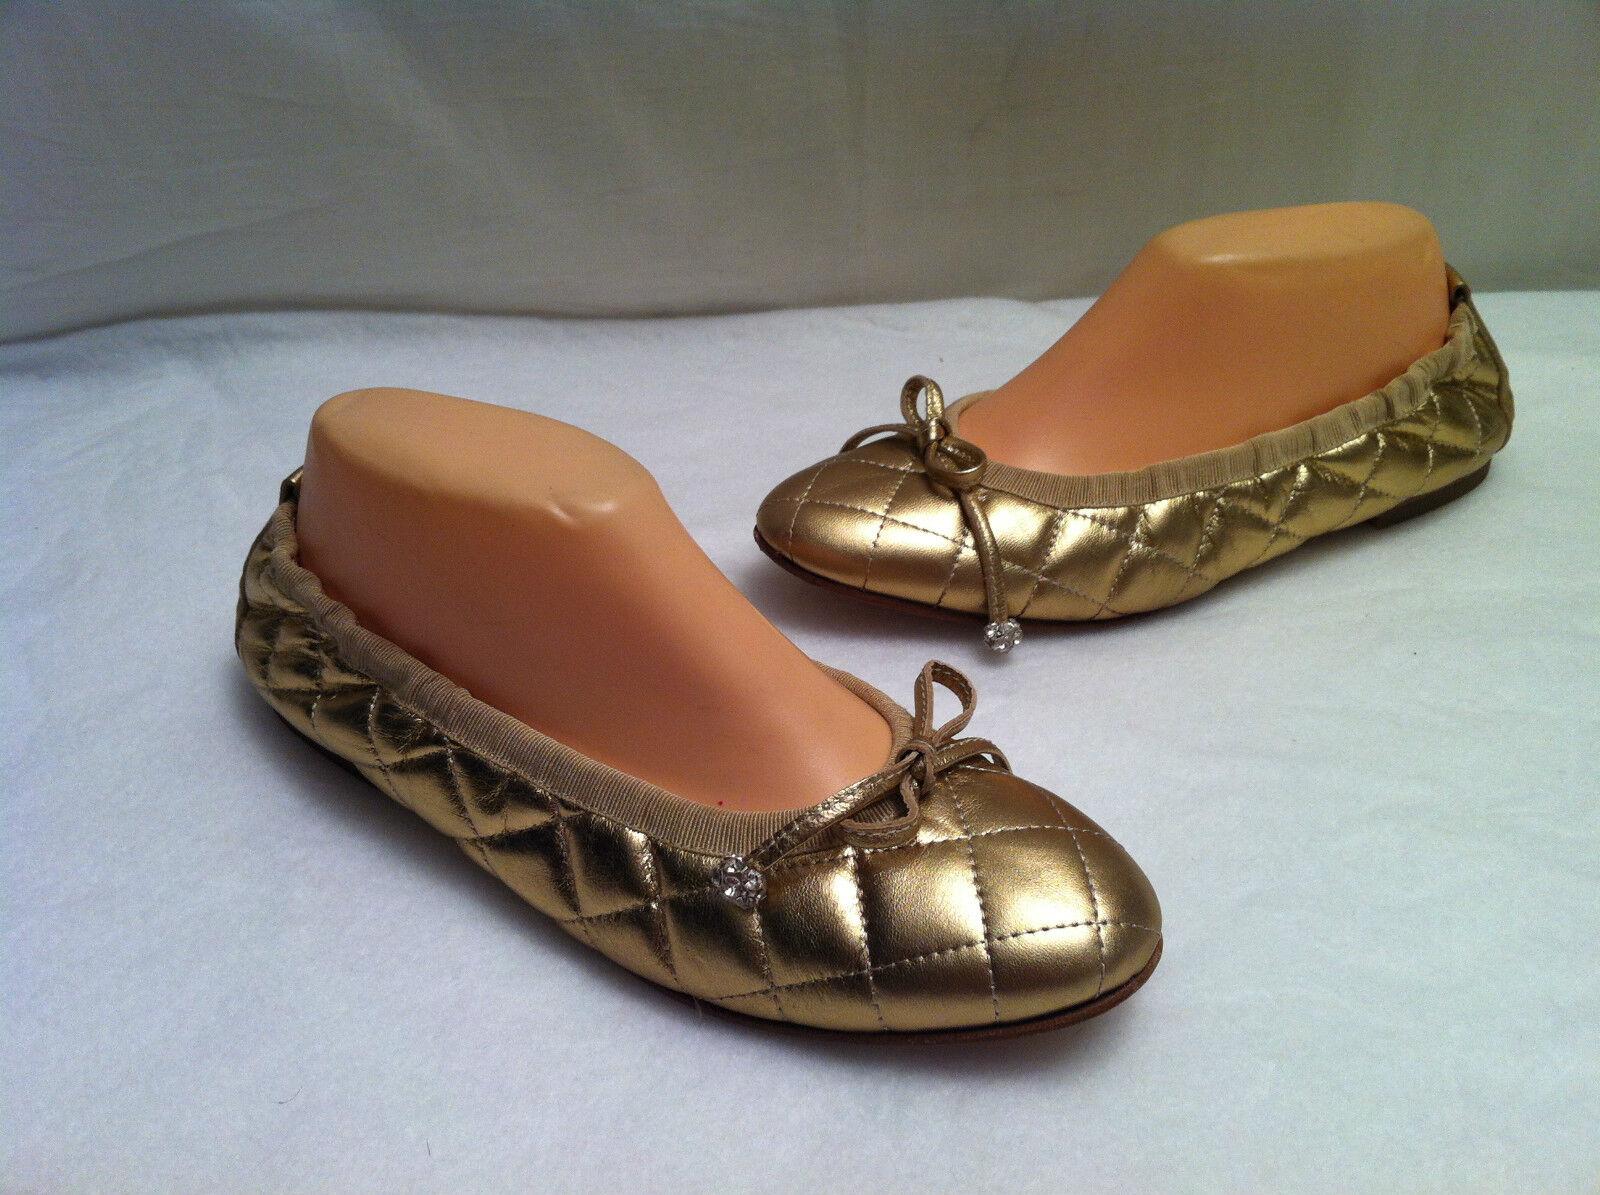 Renata Sartori Gold Pelle Ballet Flats Italy Low Heel Shoes Size EU 40   9 M